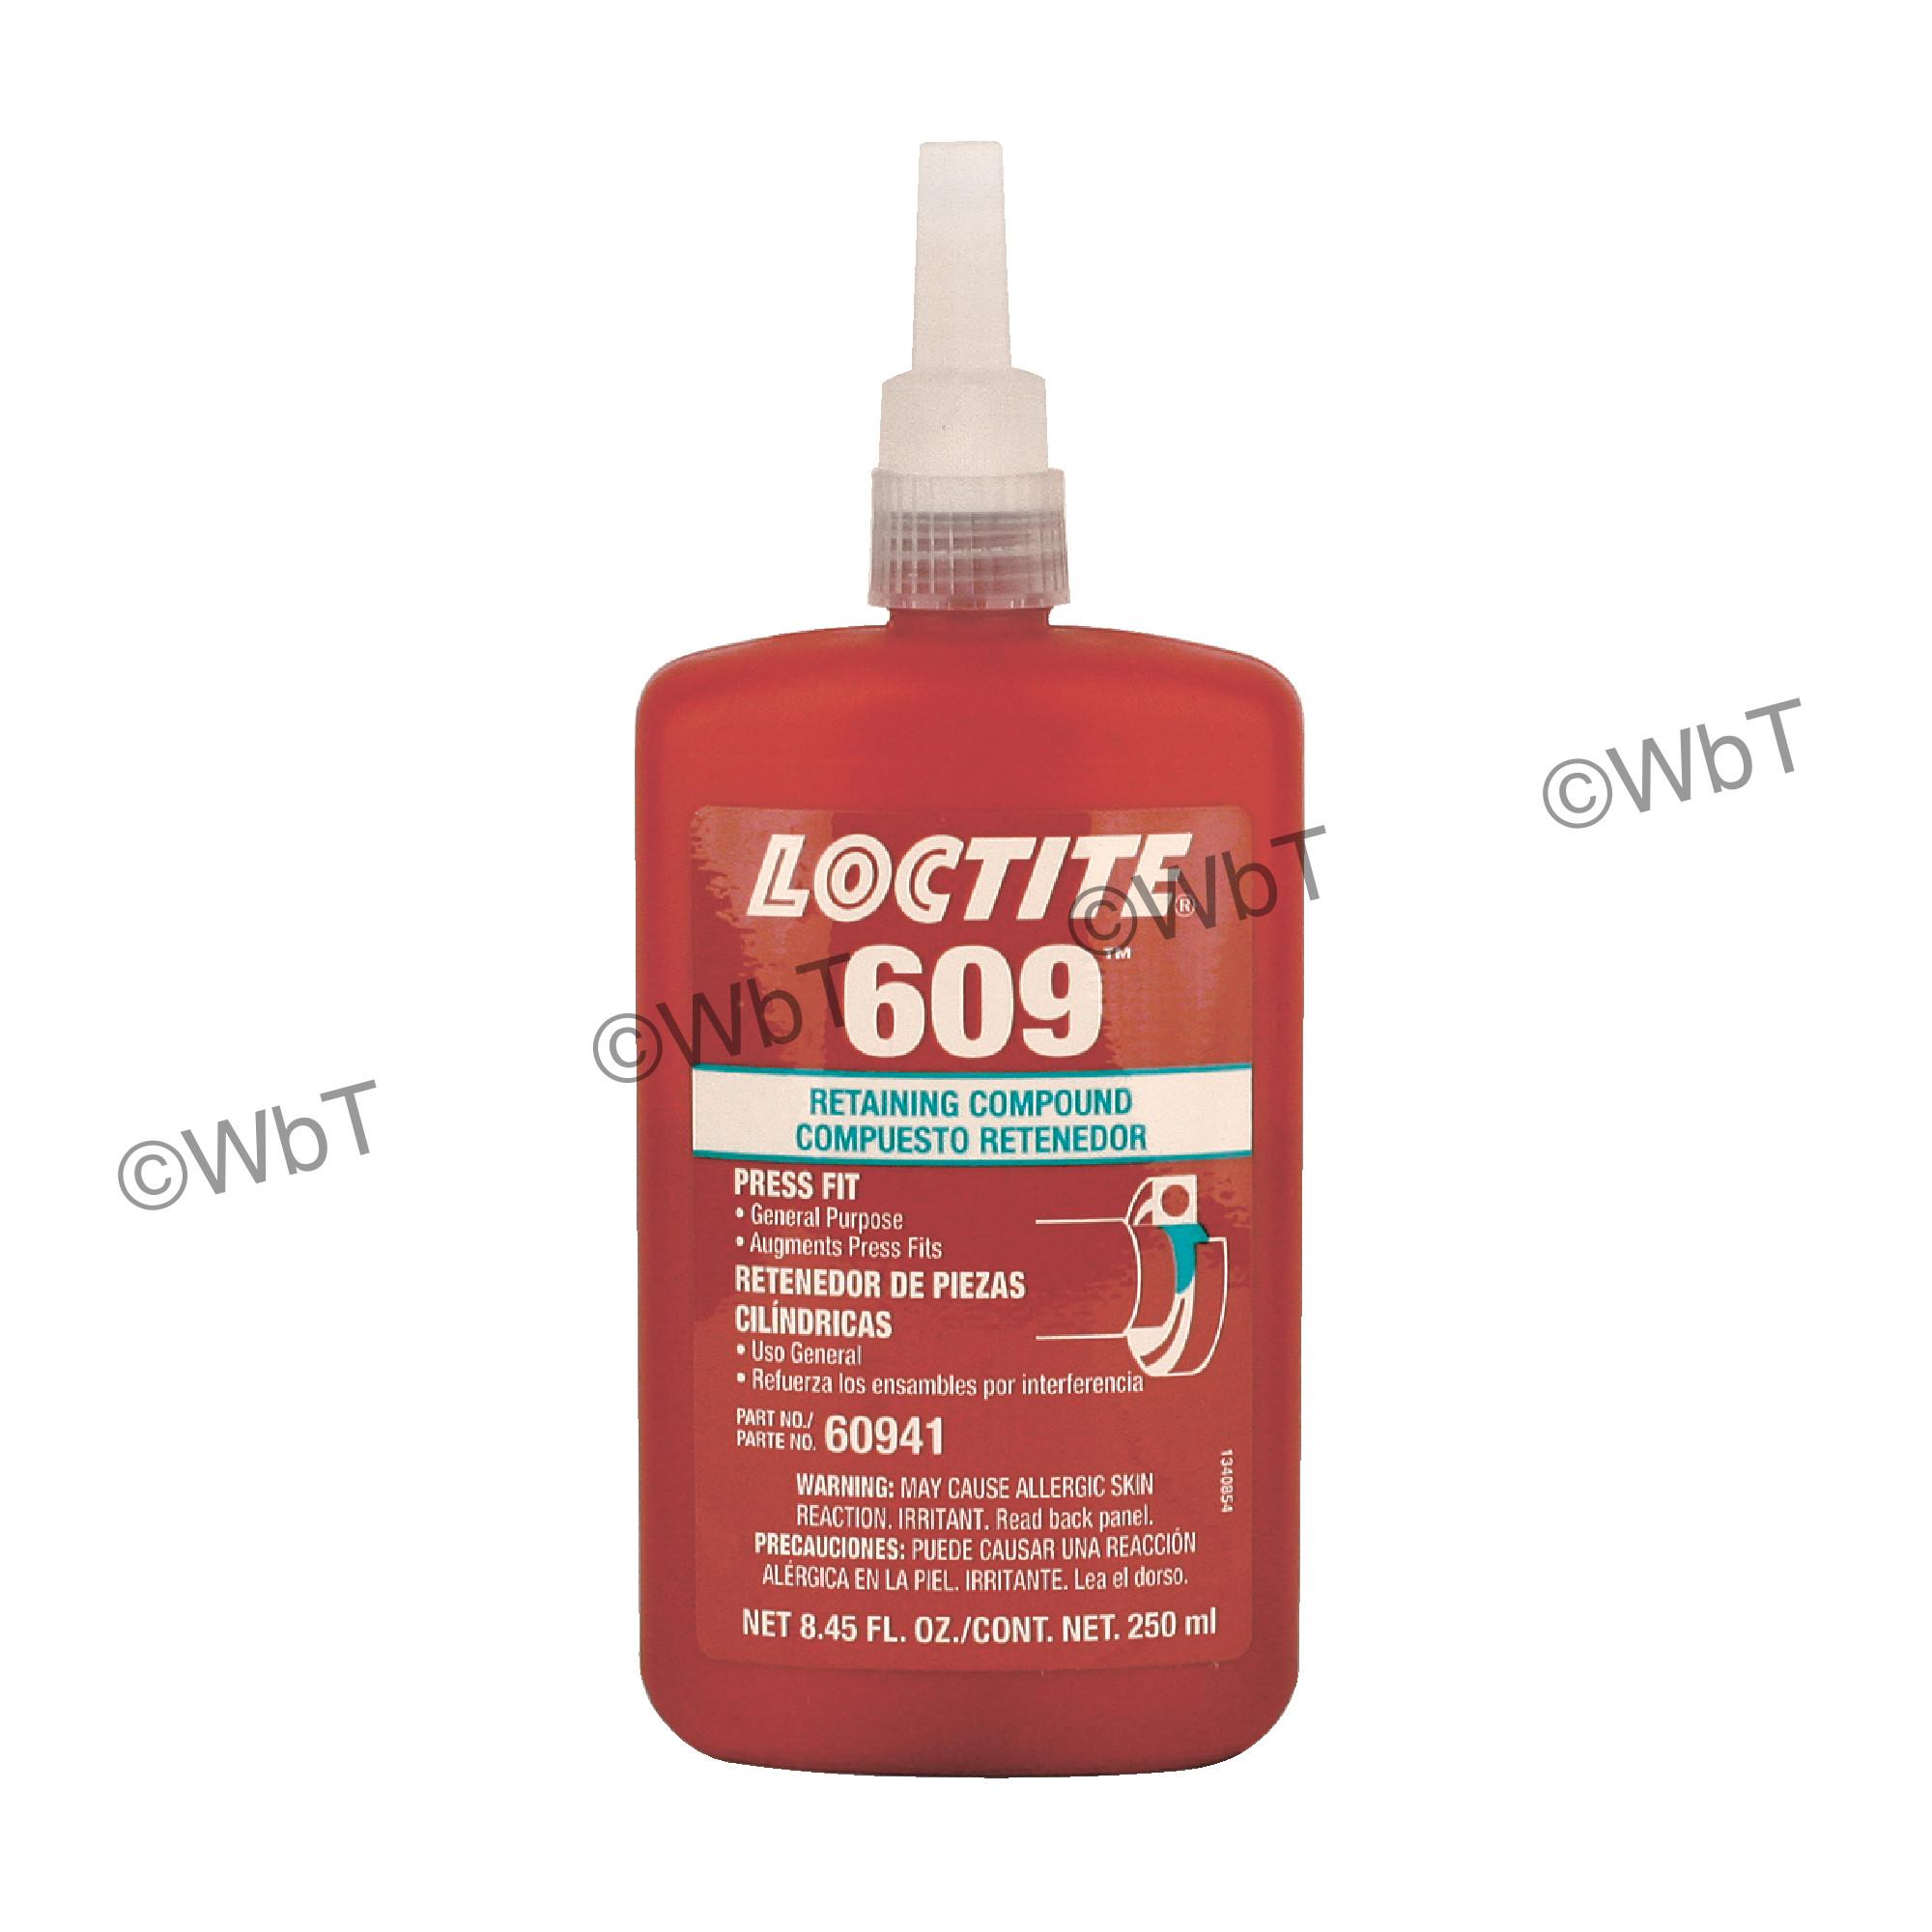 609™ Retaining Compound - General Purpose